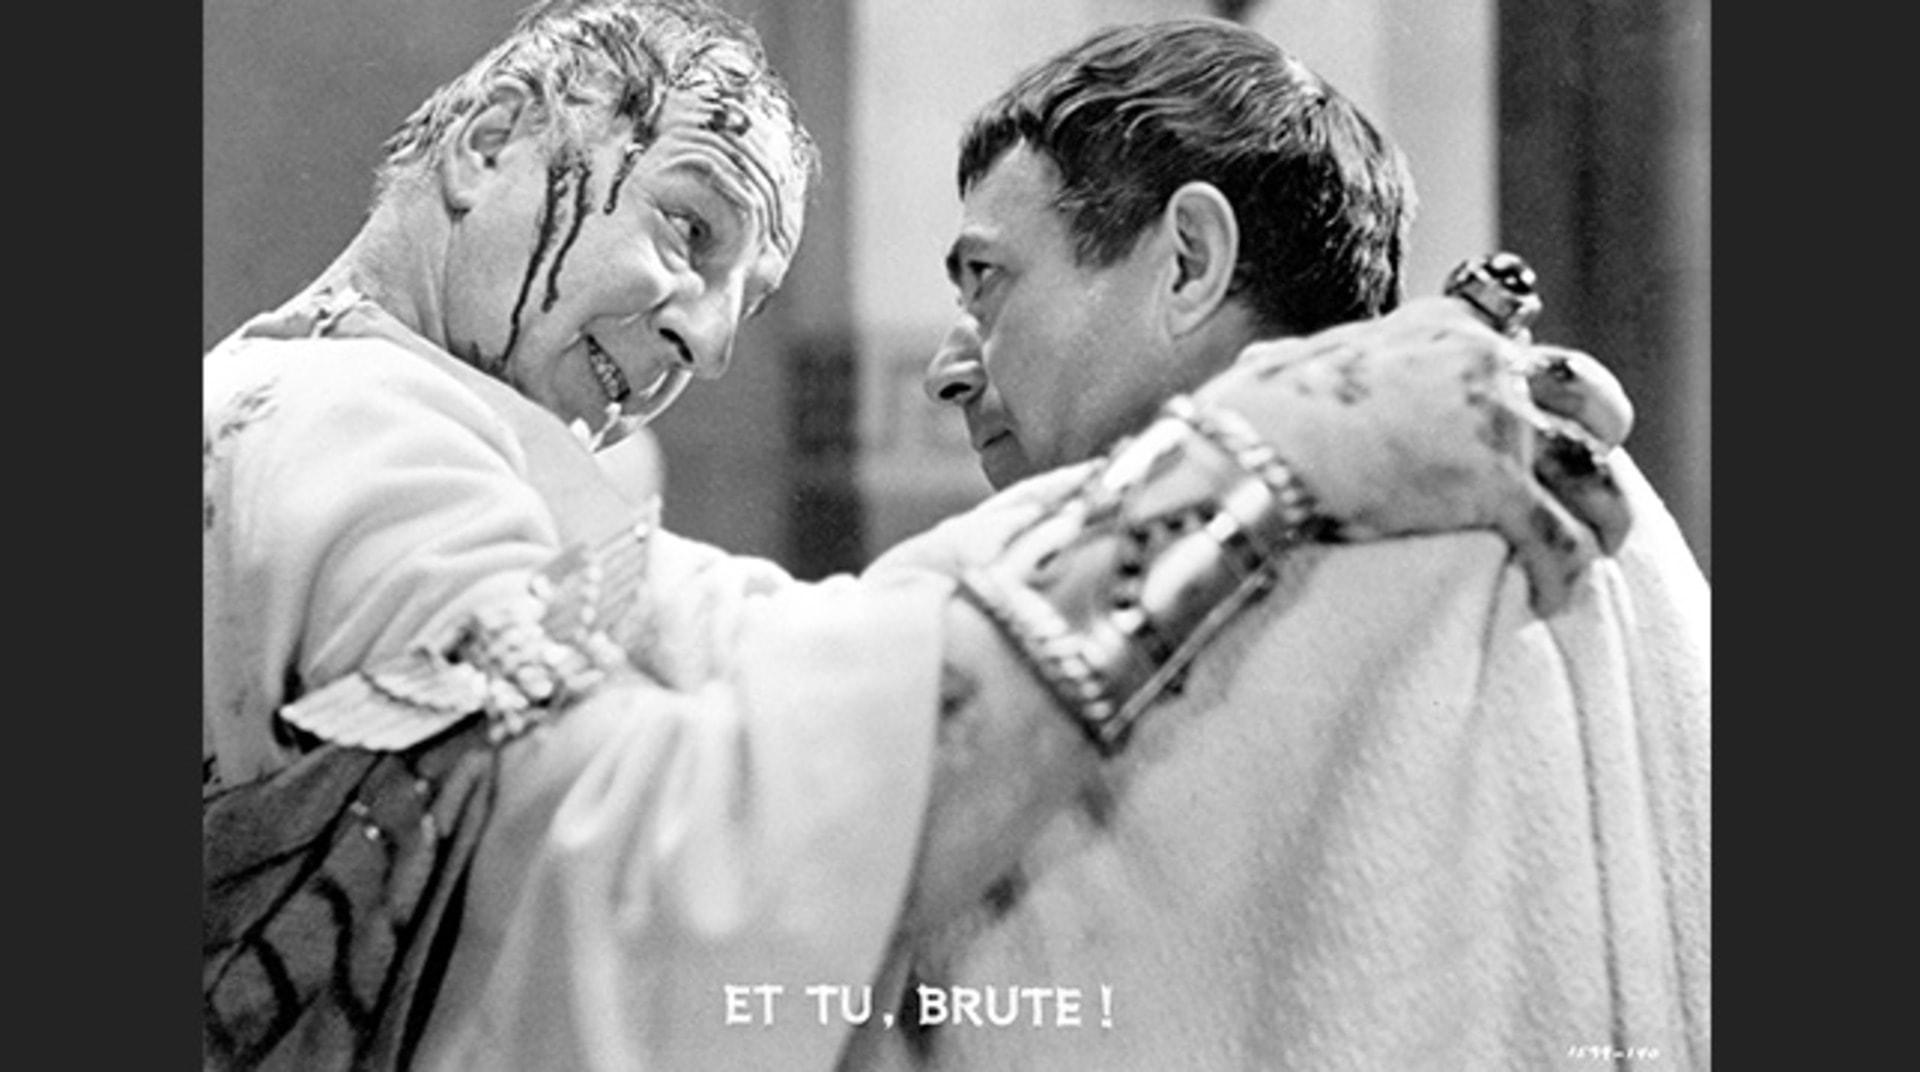 Julius Caesar - Image 2